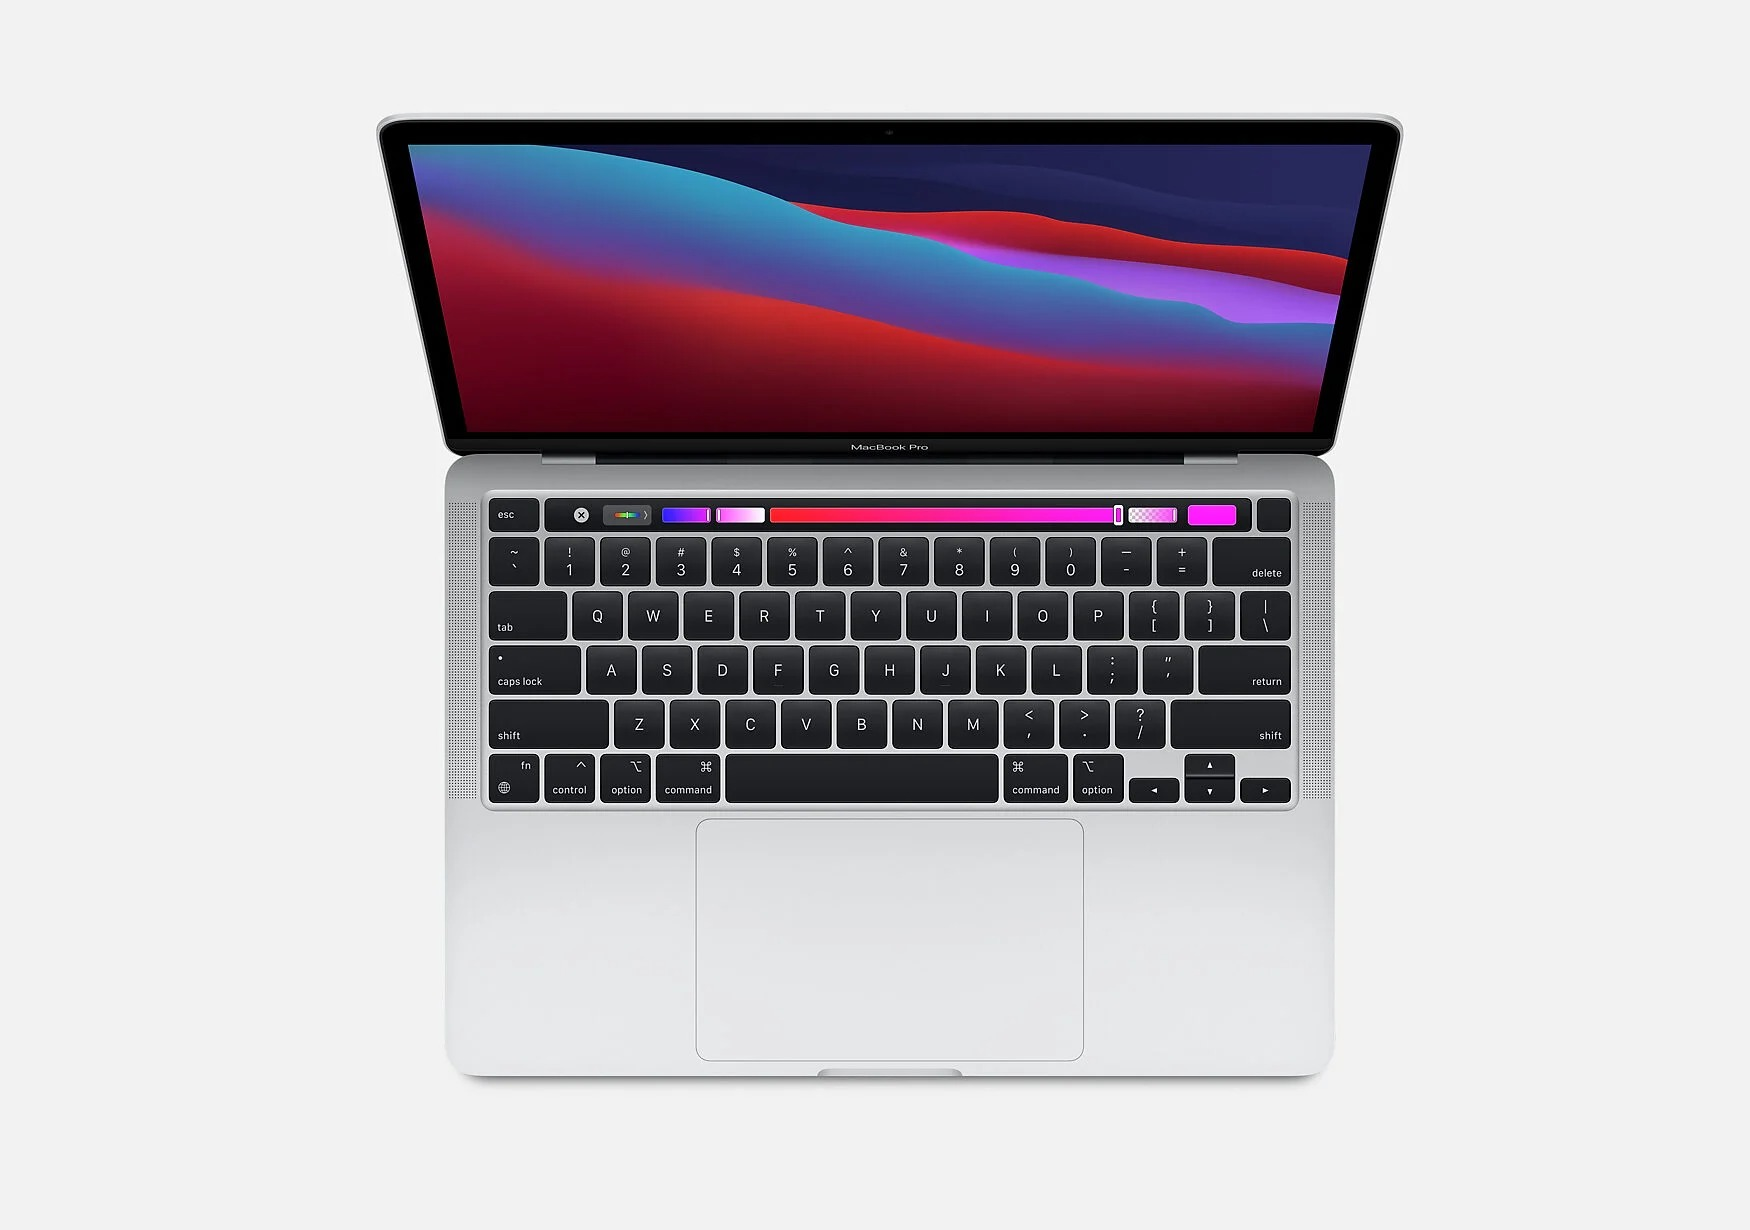 Những mẫu MacBook Pro sắp tới có thể được trang bị màn hình Mini LED